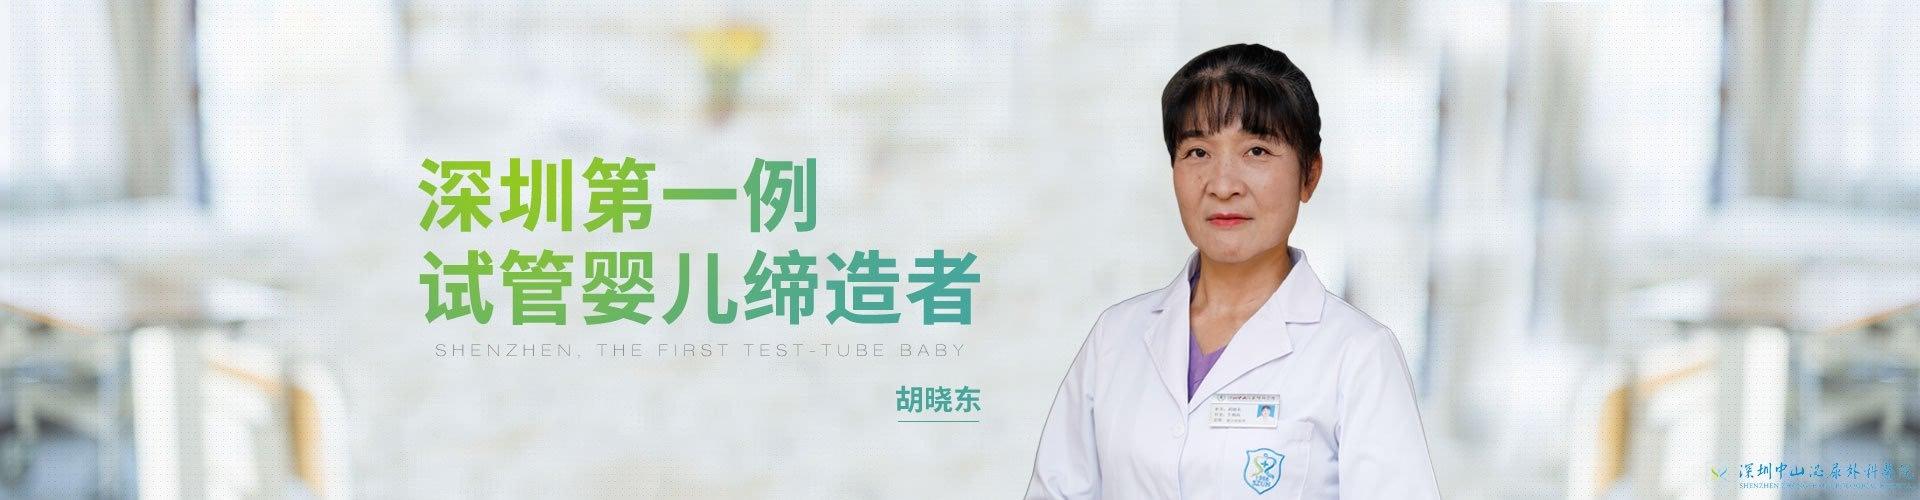 深圳中山泌尿外科医院生殖中心深圳第一例试管婴儿缔造者胡晓东Banner